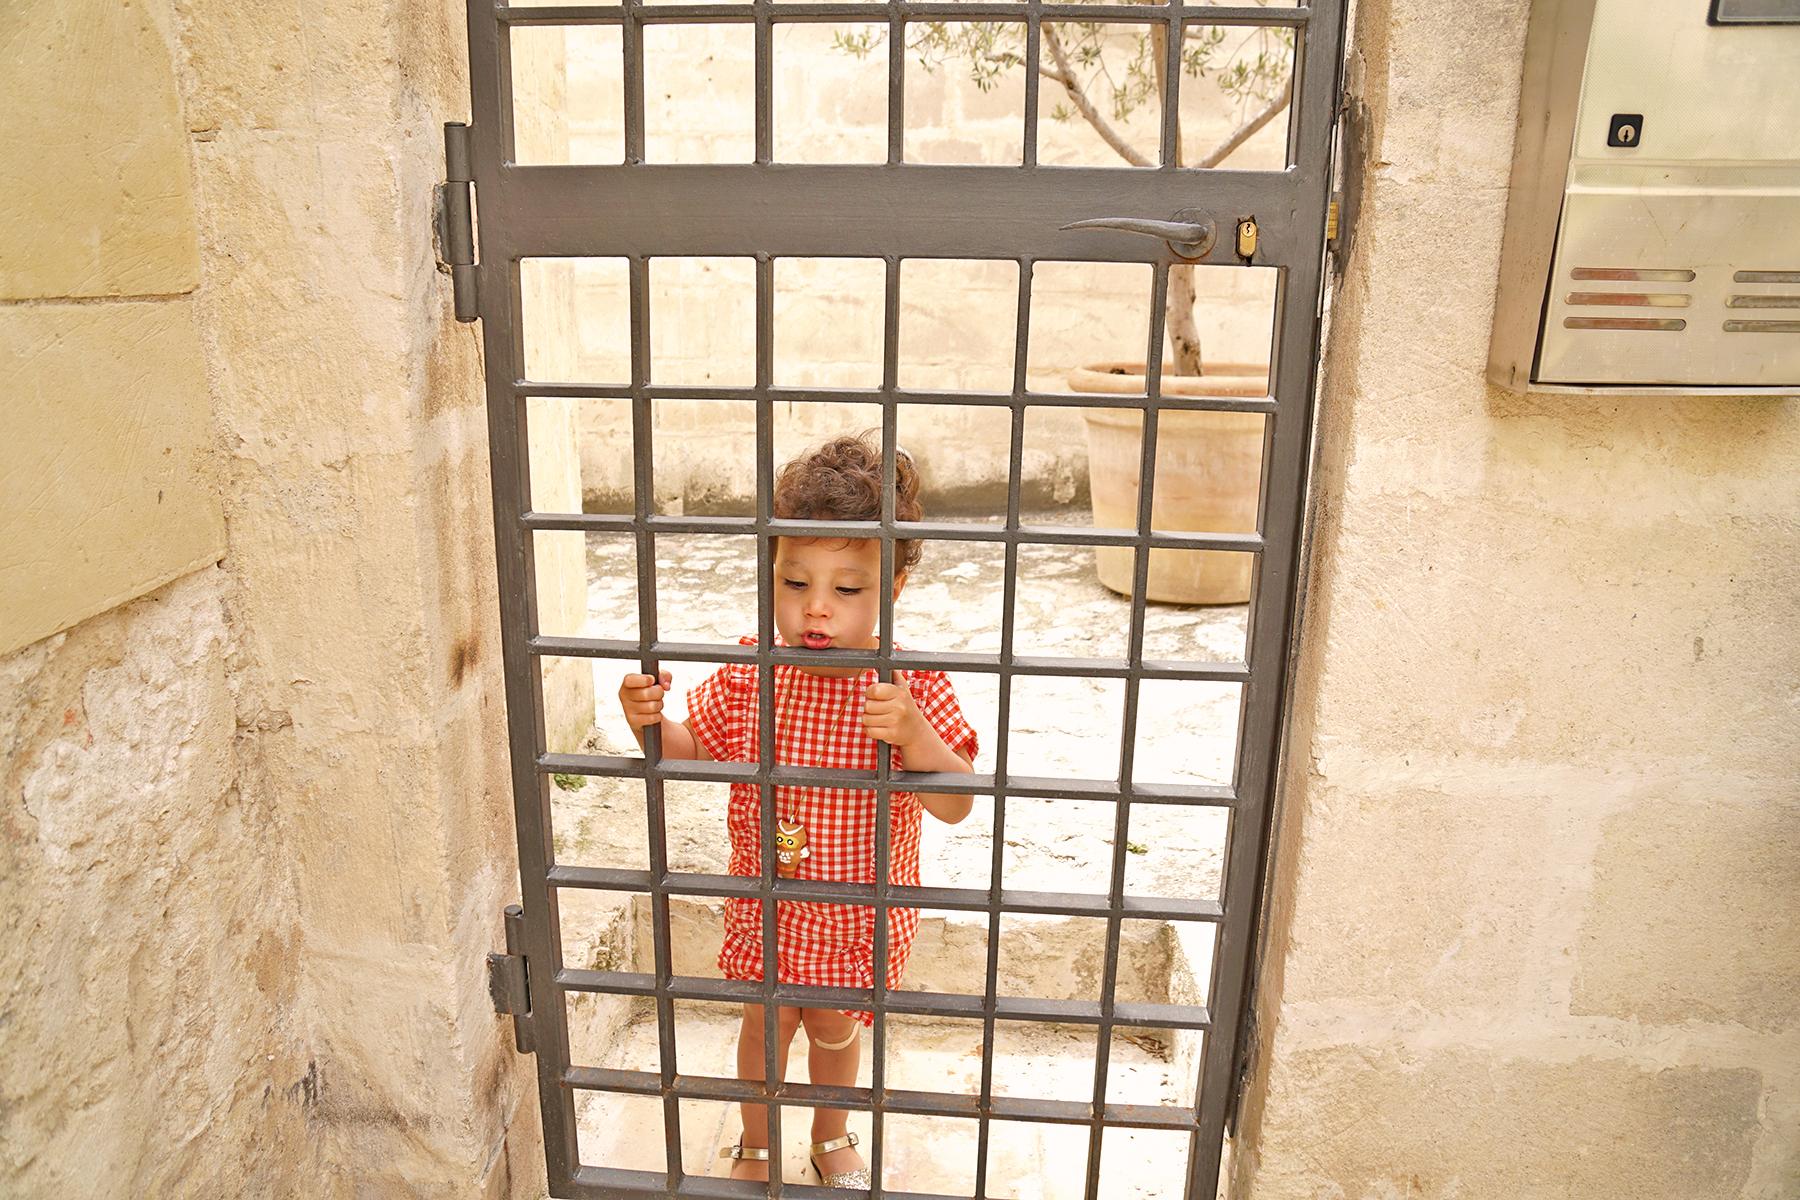 Petite fille derrière le portail, Matera, Italie